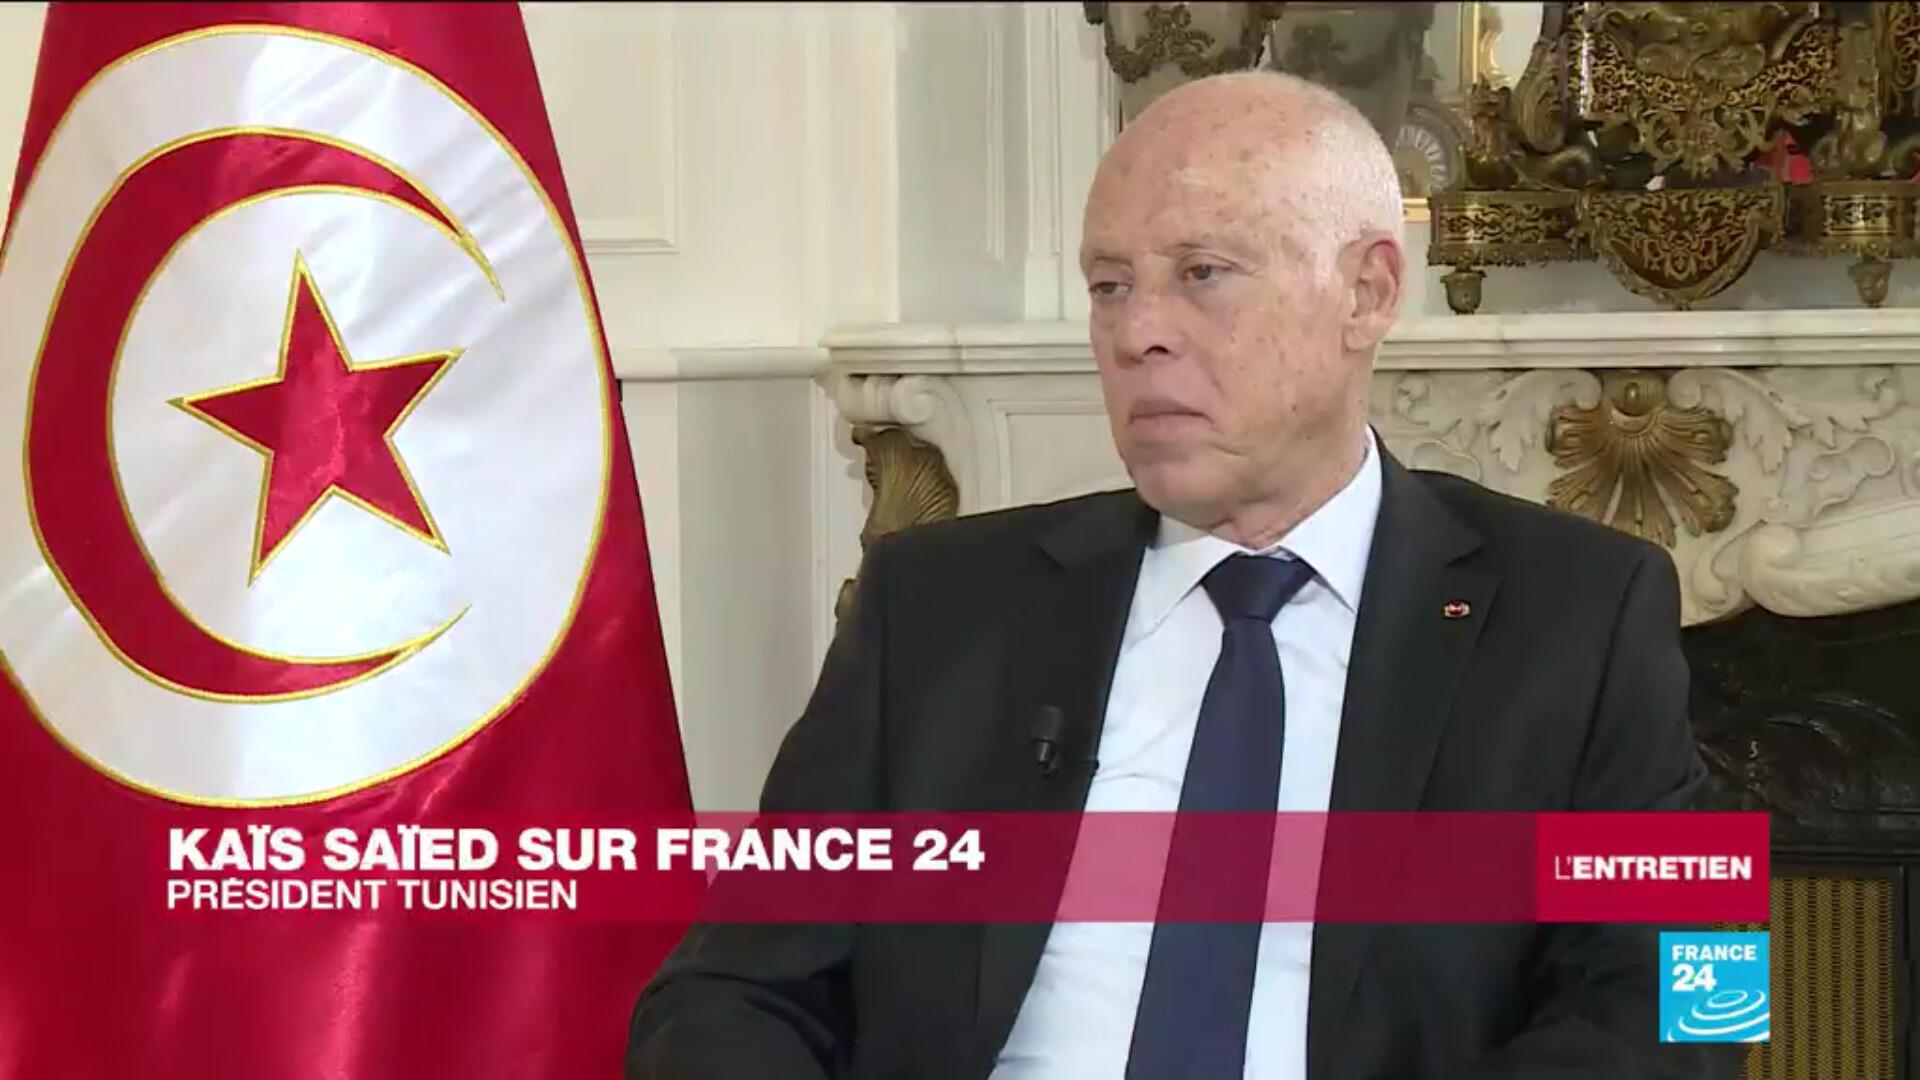 Le président tunisien Kaïs Saïed